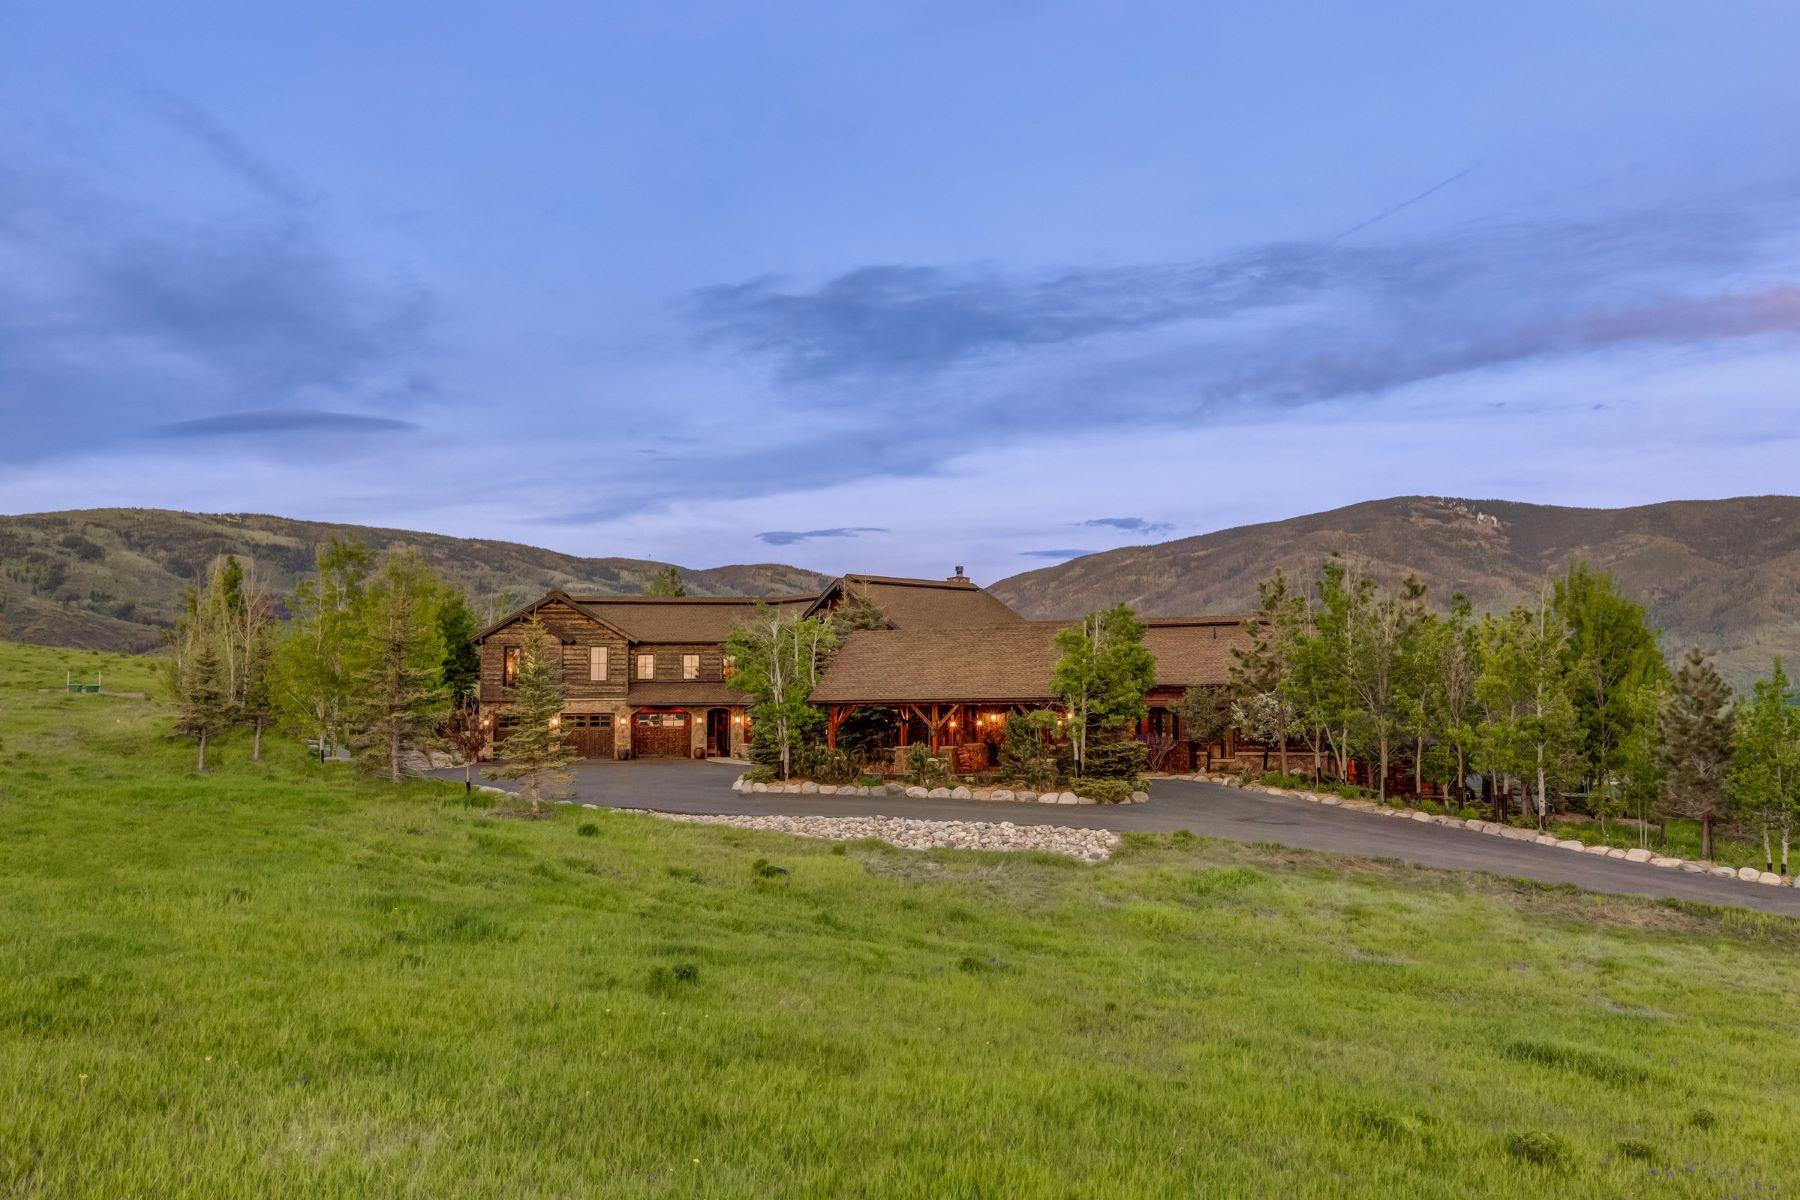 단독 가정 주택 용 매매 에 Lake Catamount Beautiful High-End Design Lake Catamount Home 32120 County Road 14C Steamboat Springs, 콜로라도, 80487 미국